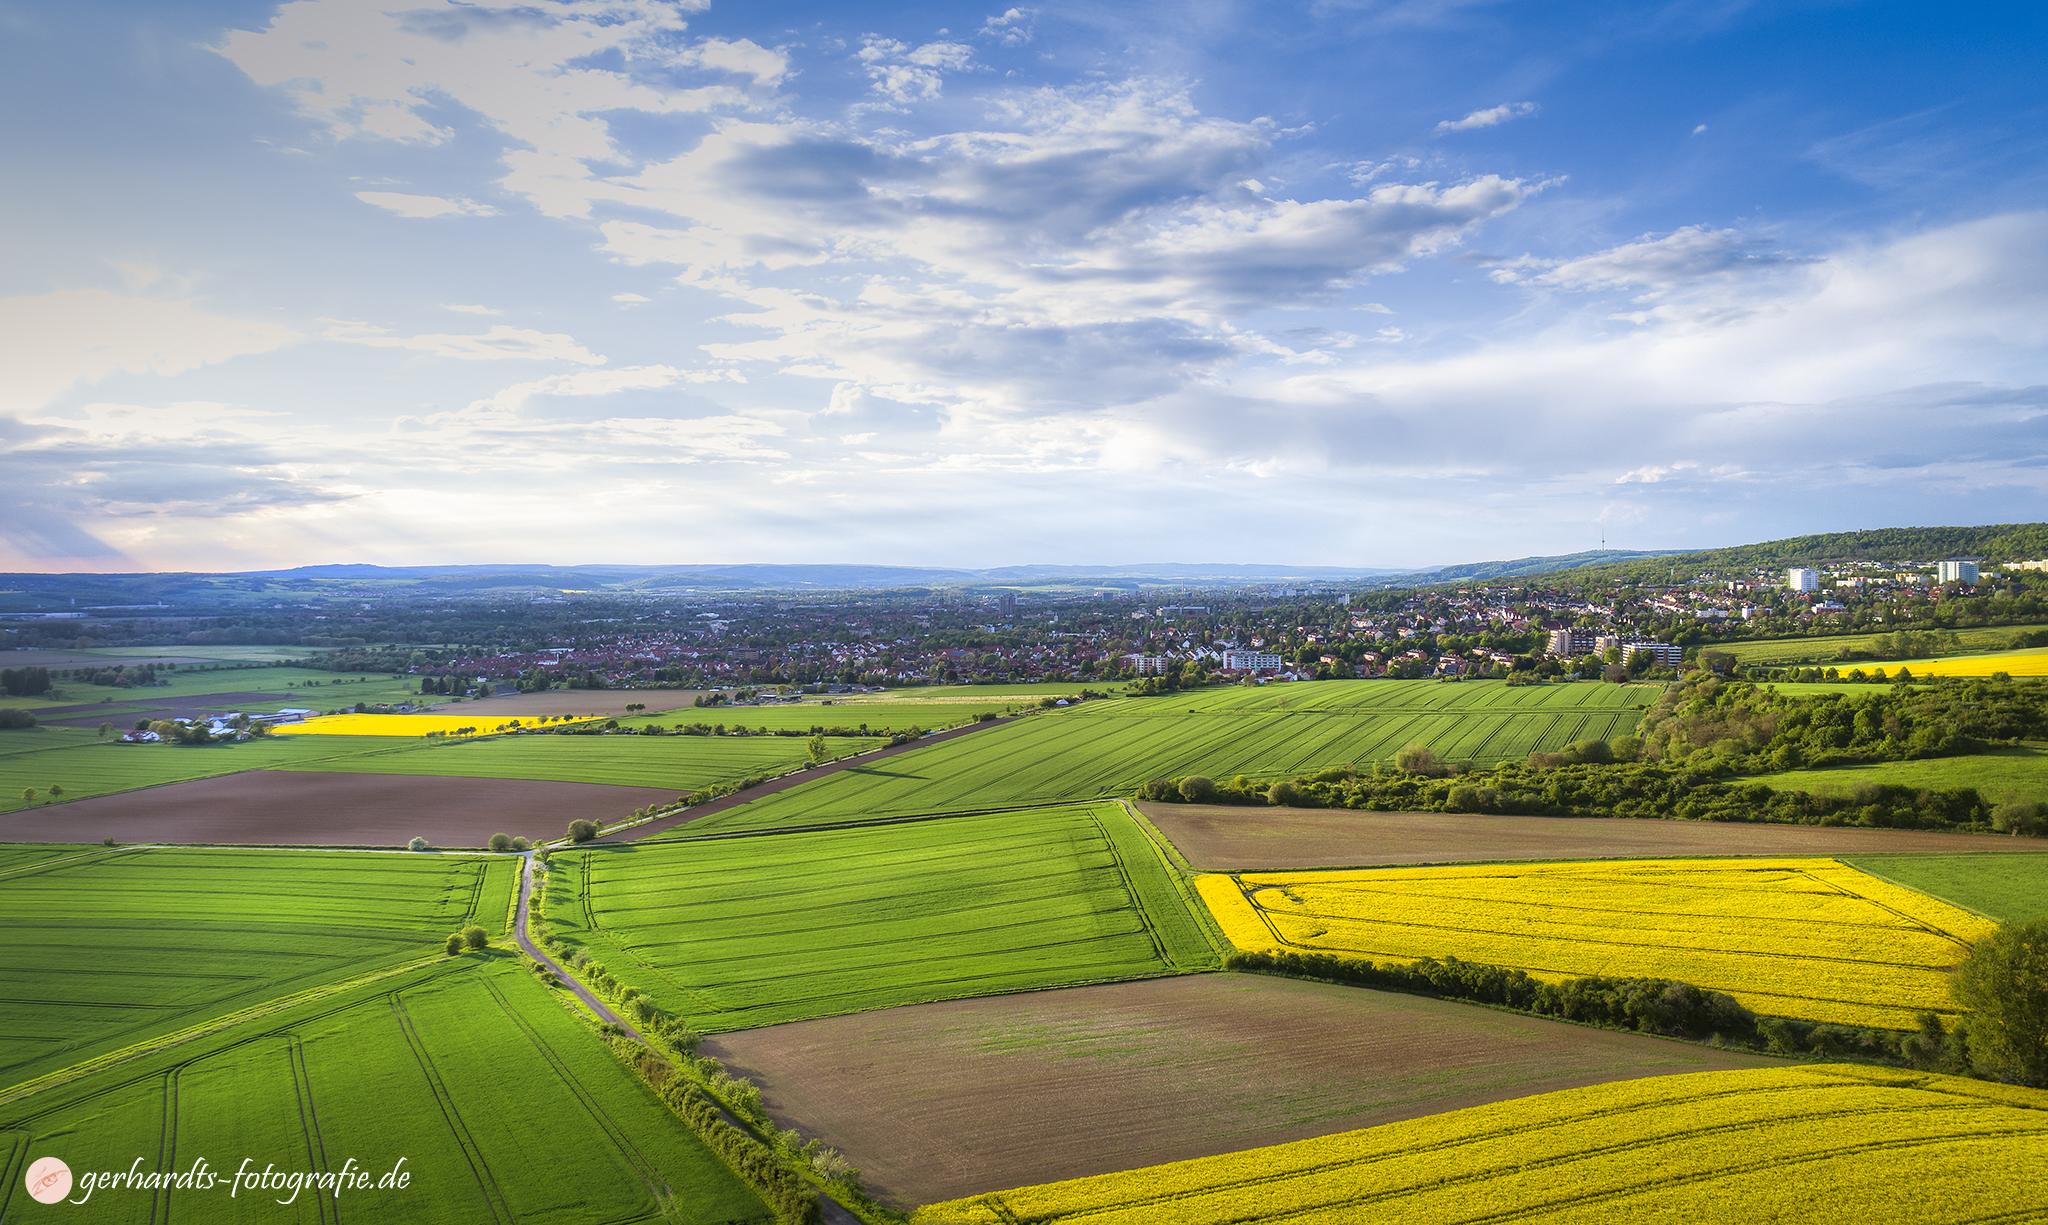 Luftbild Göttingen zur Rapsblüte | Luftbildaufnahmen Göttingen Südniedersachsen